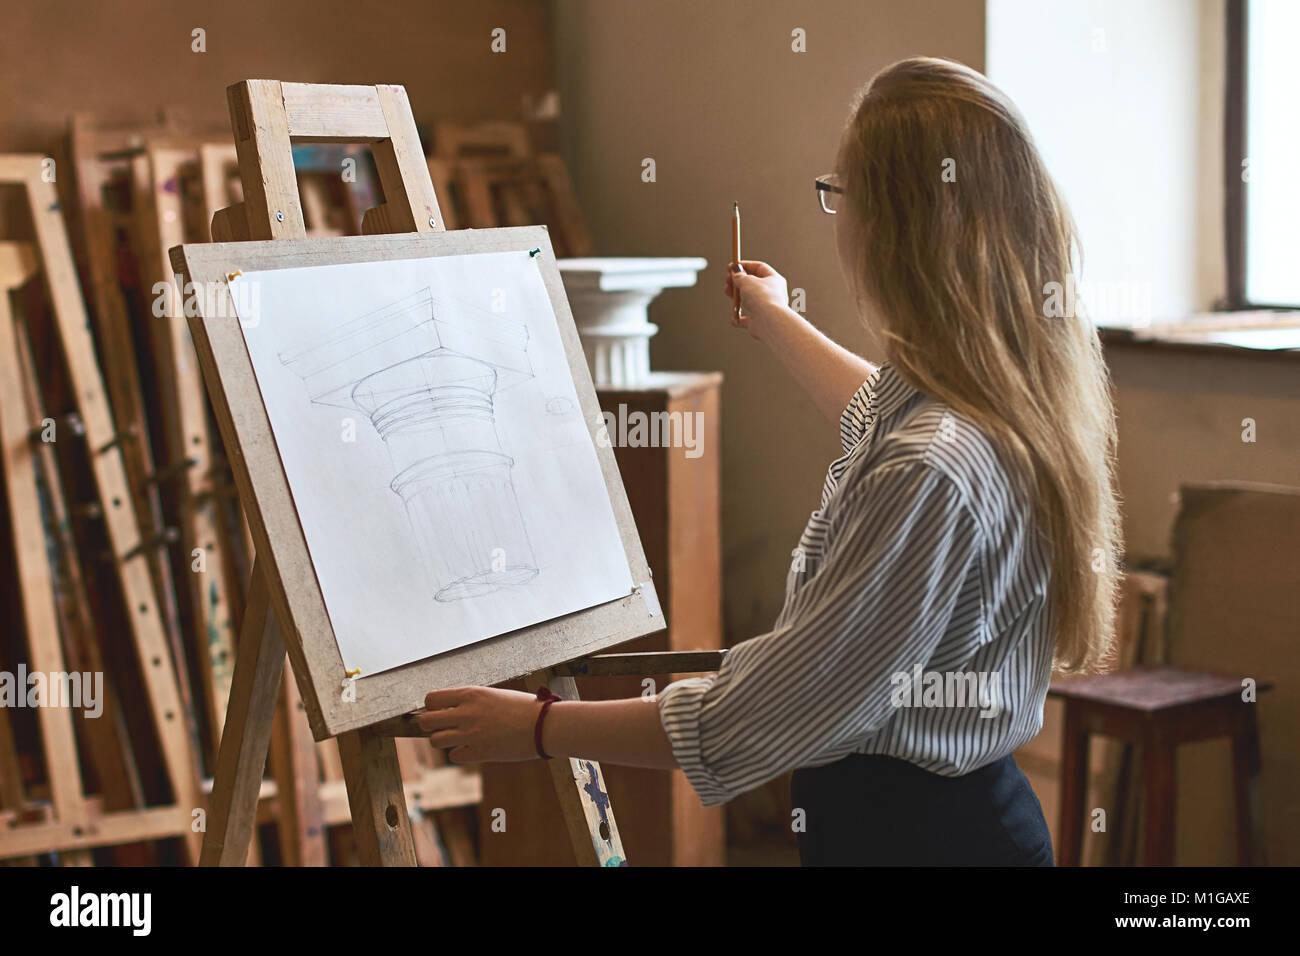 Junge Schone Madchen Schuler Zeichnen Eine Dorische Kapital Mit